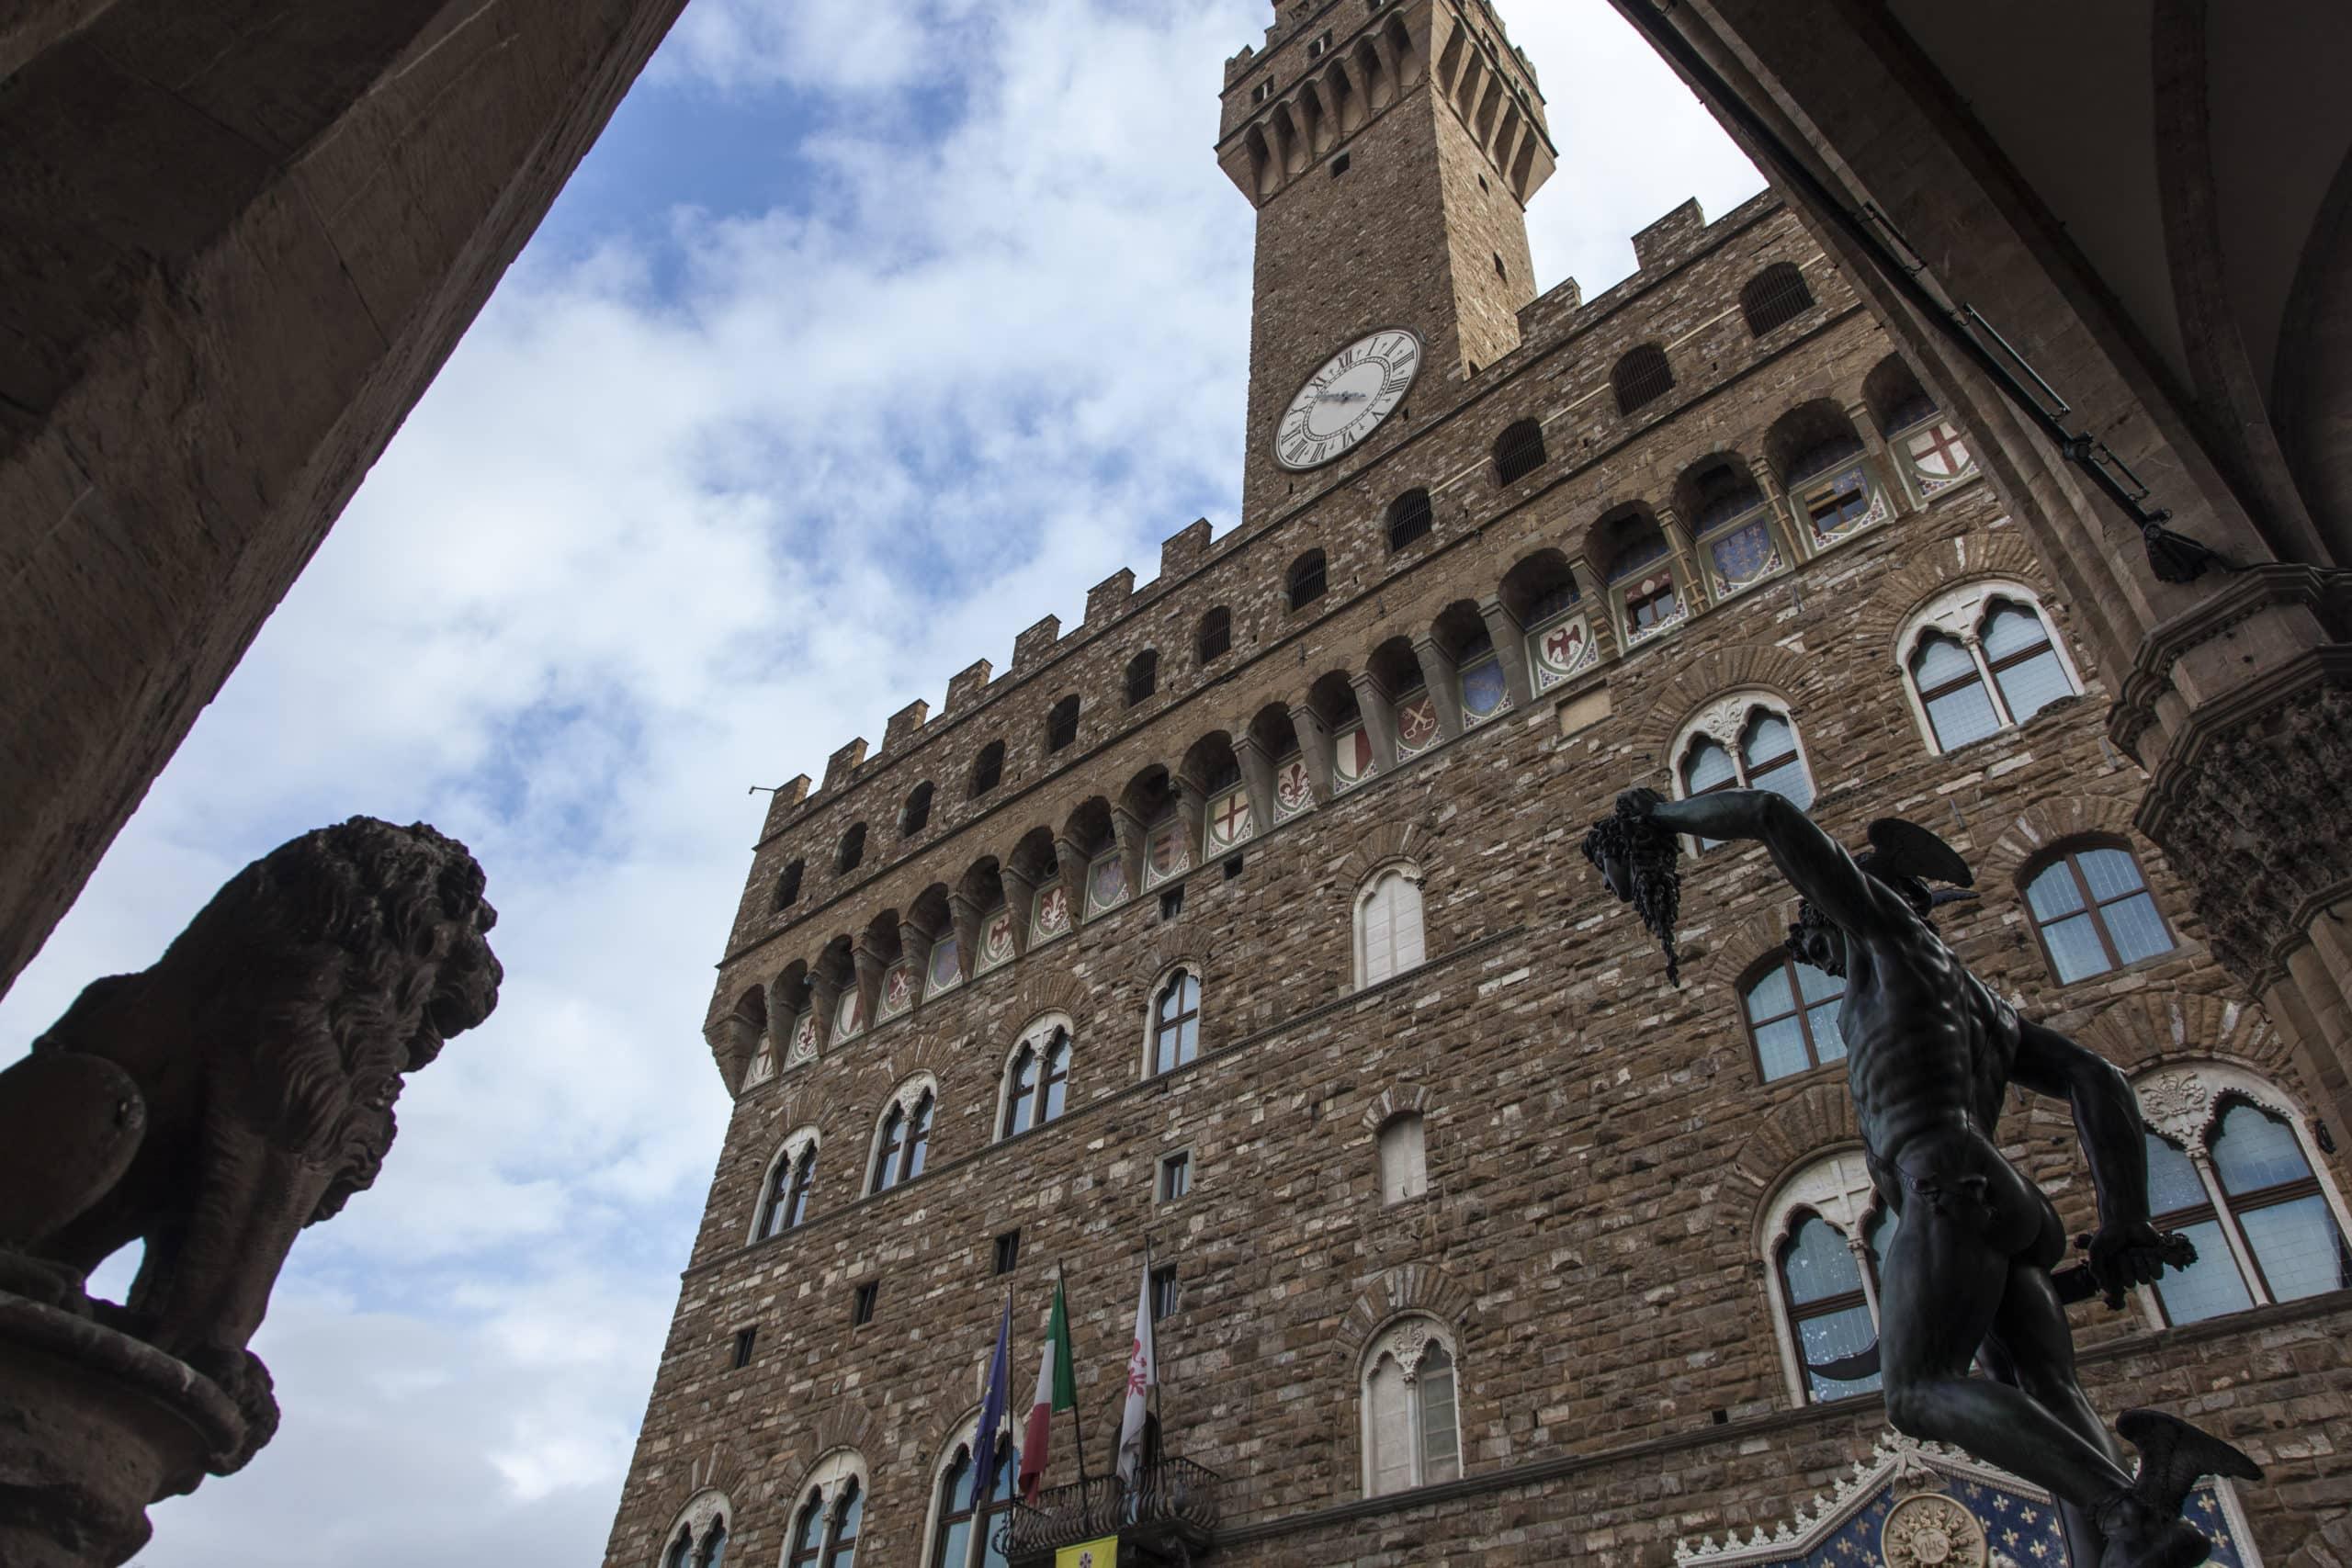 Une promenade florentine: visite guidée de Florence